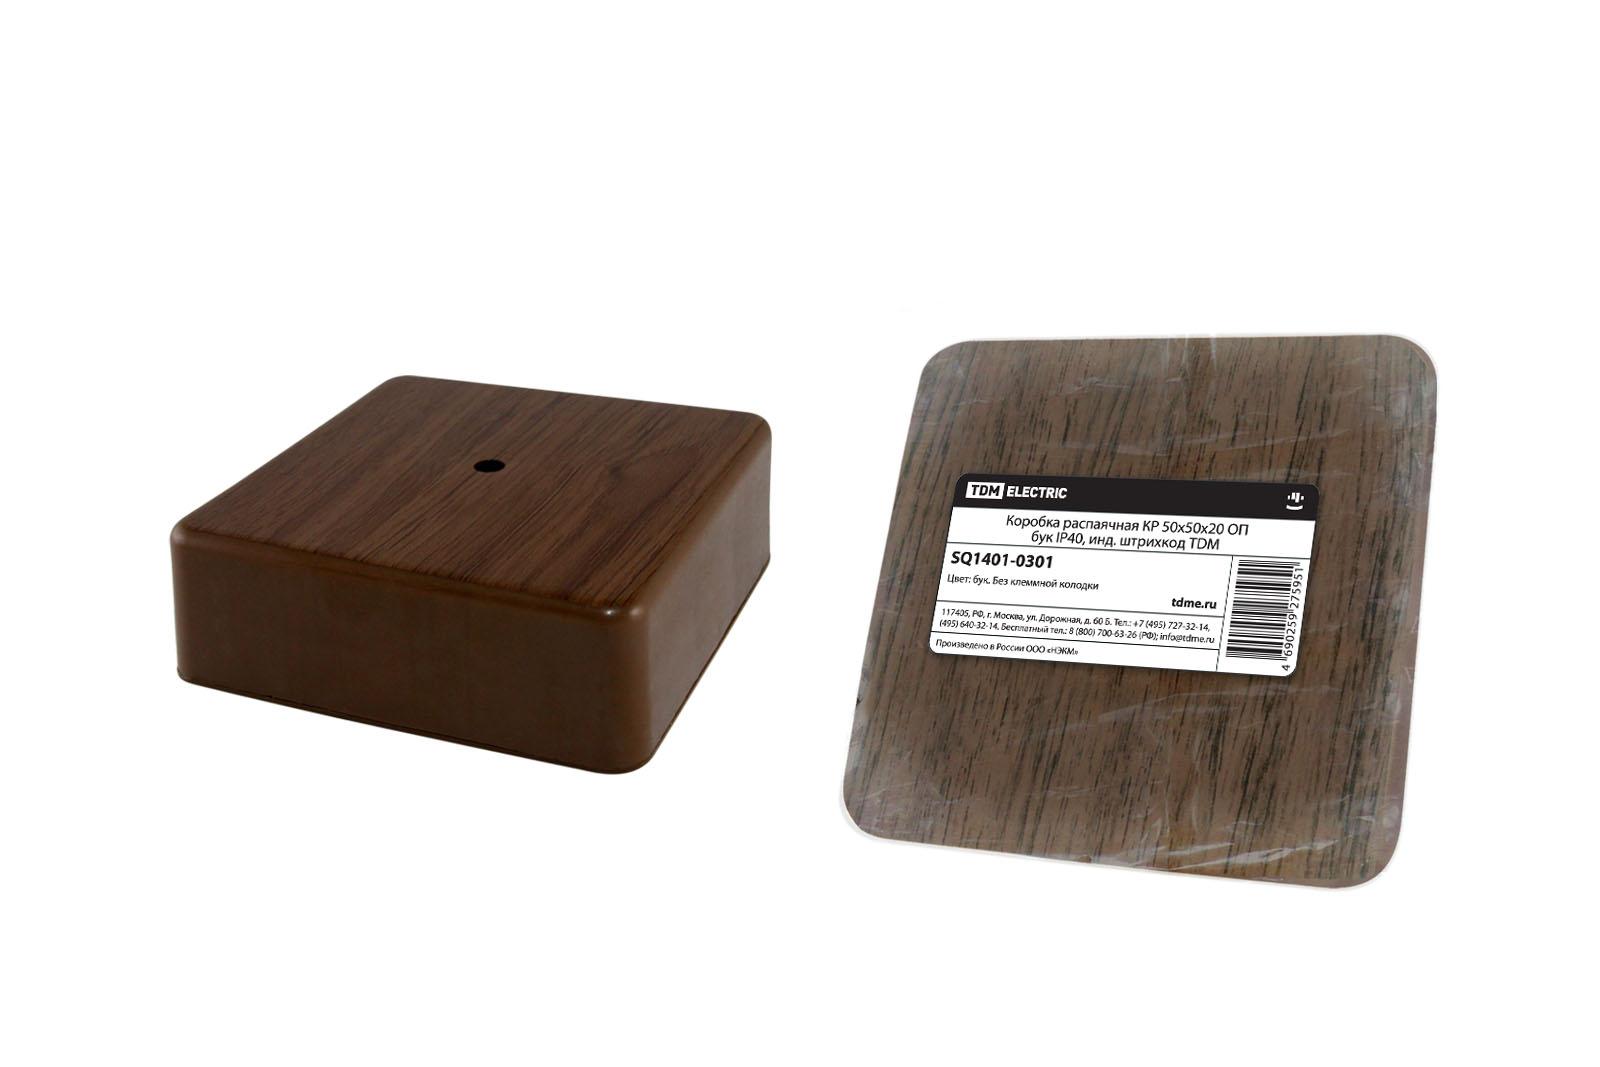 Фото Коробка распаячная КР 50х50х20 ОП бук IP40, инд. штрихкод TDM {SQ1401-0301}